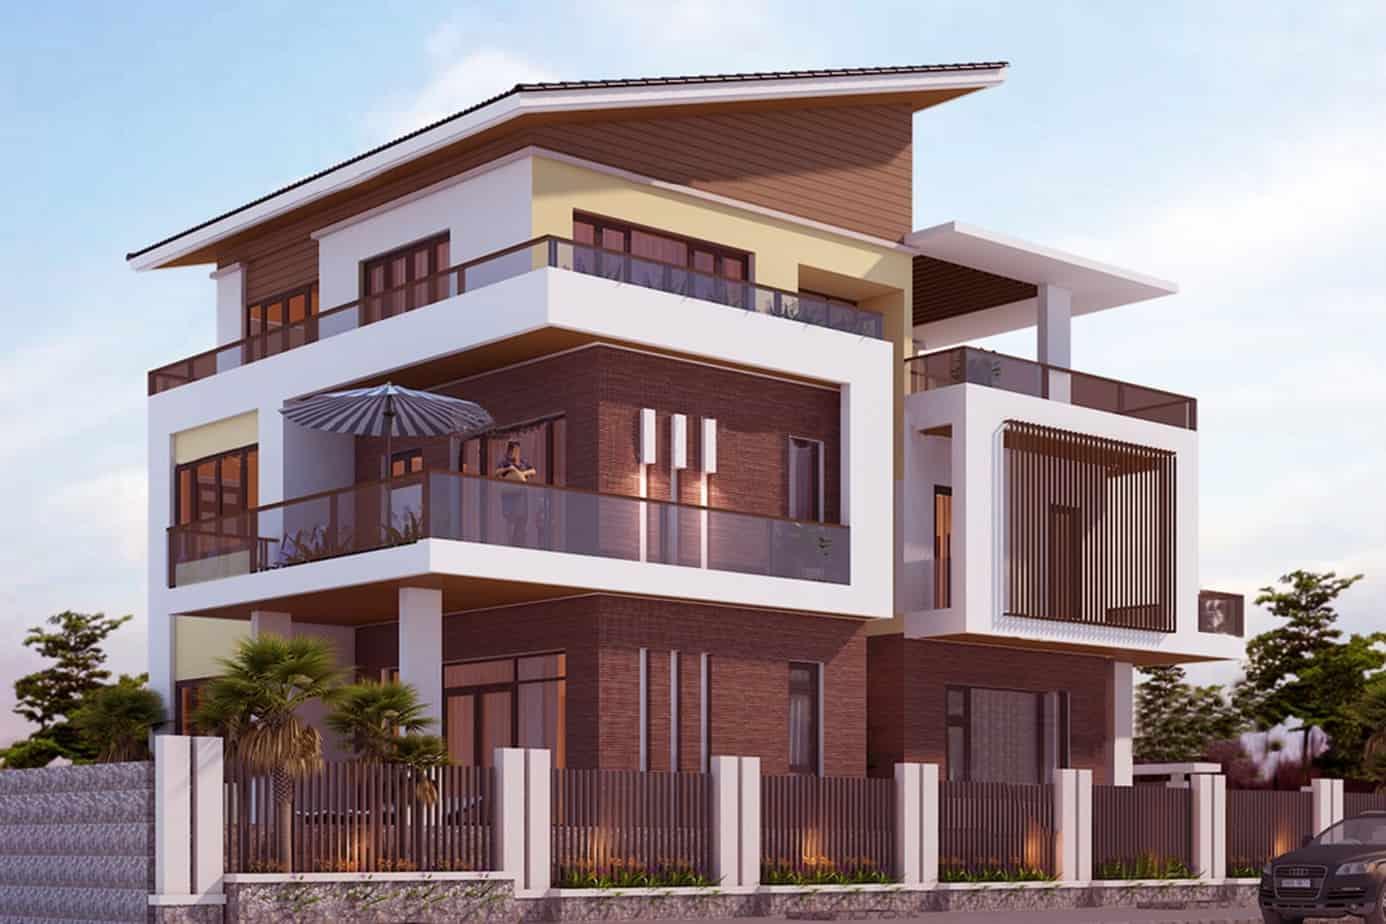 33 mẫu thiết kế nhà hiện đại đẹp ấn tượng nhất 9